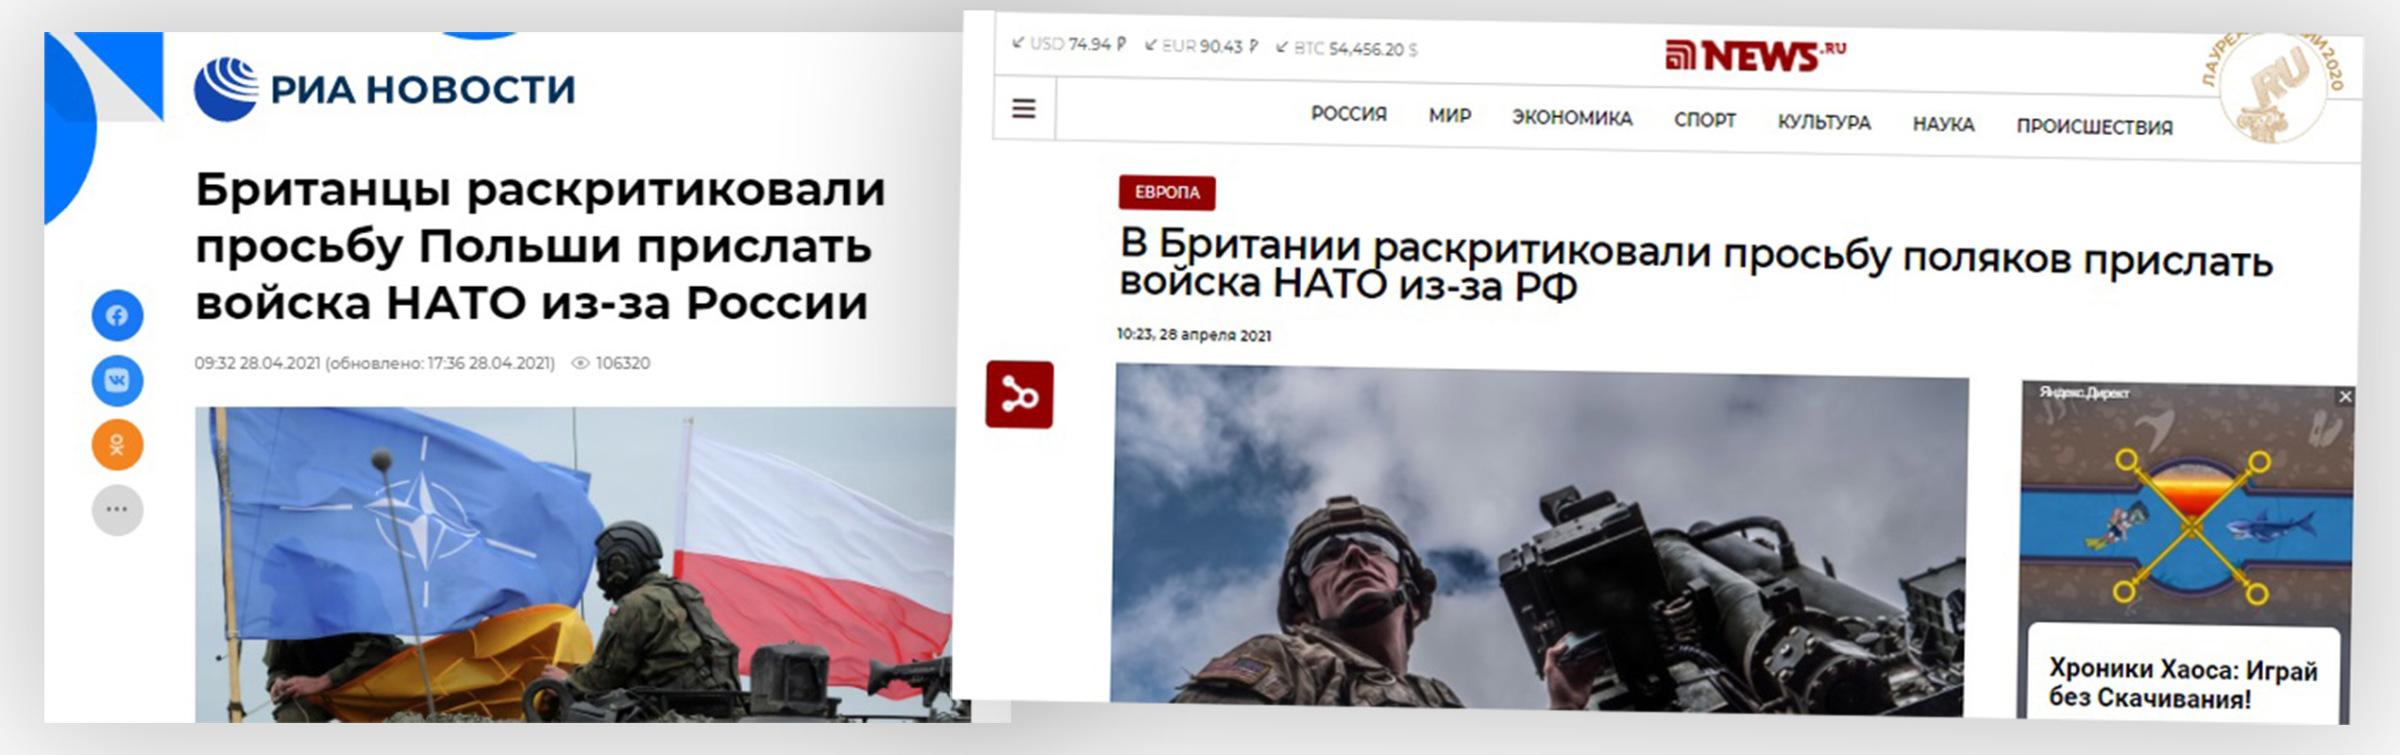 Komentarze spod tekstu na stronie MailOnline wykorzystano do tekstów w serwisach News.ru i RIA Novosti